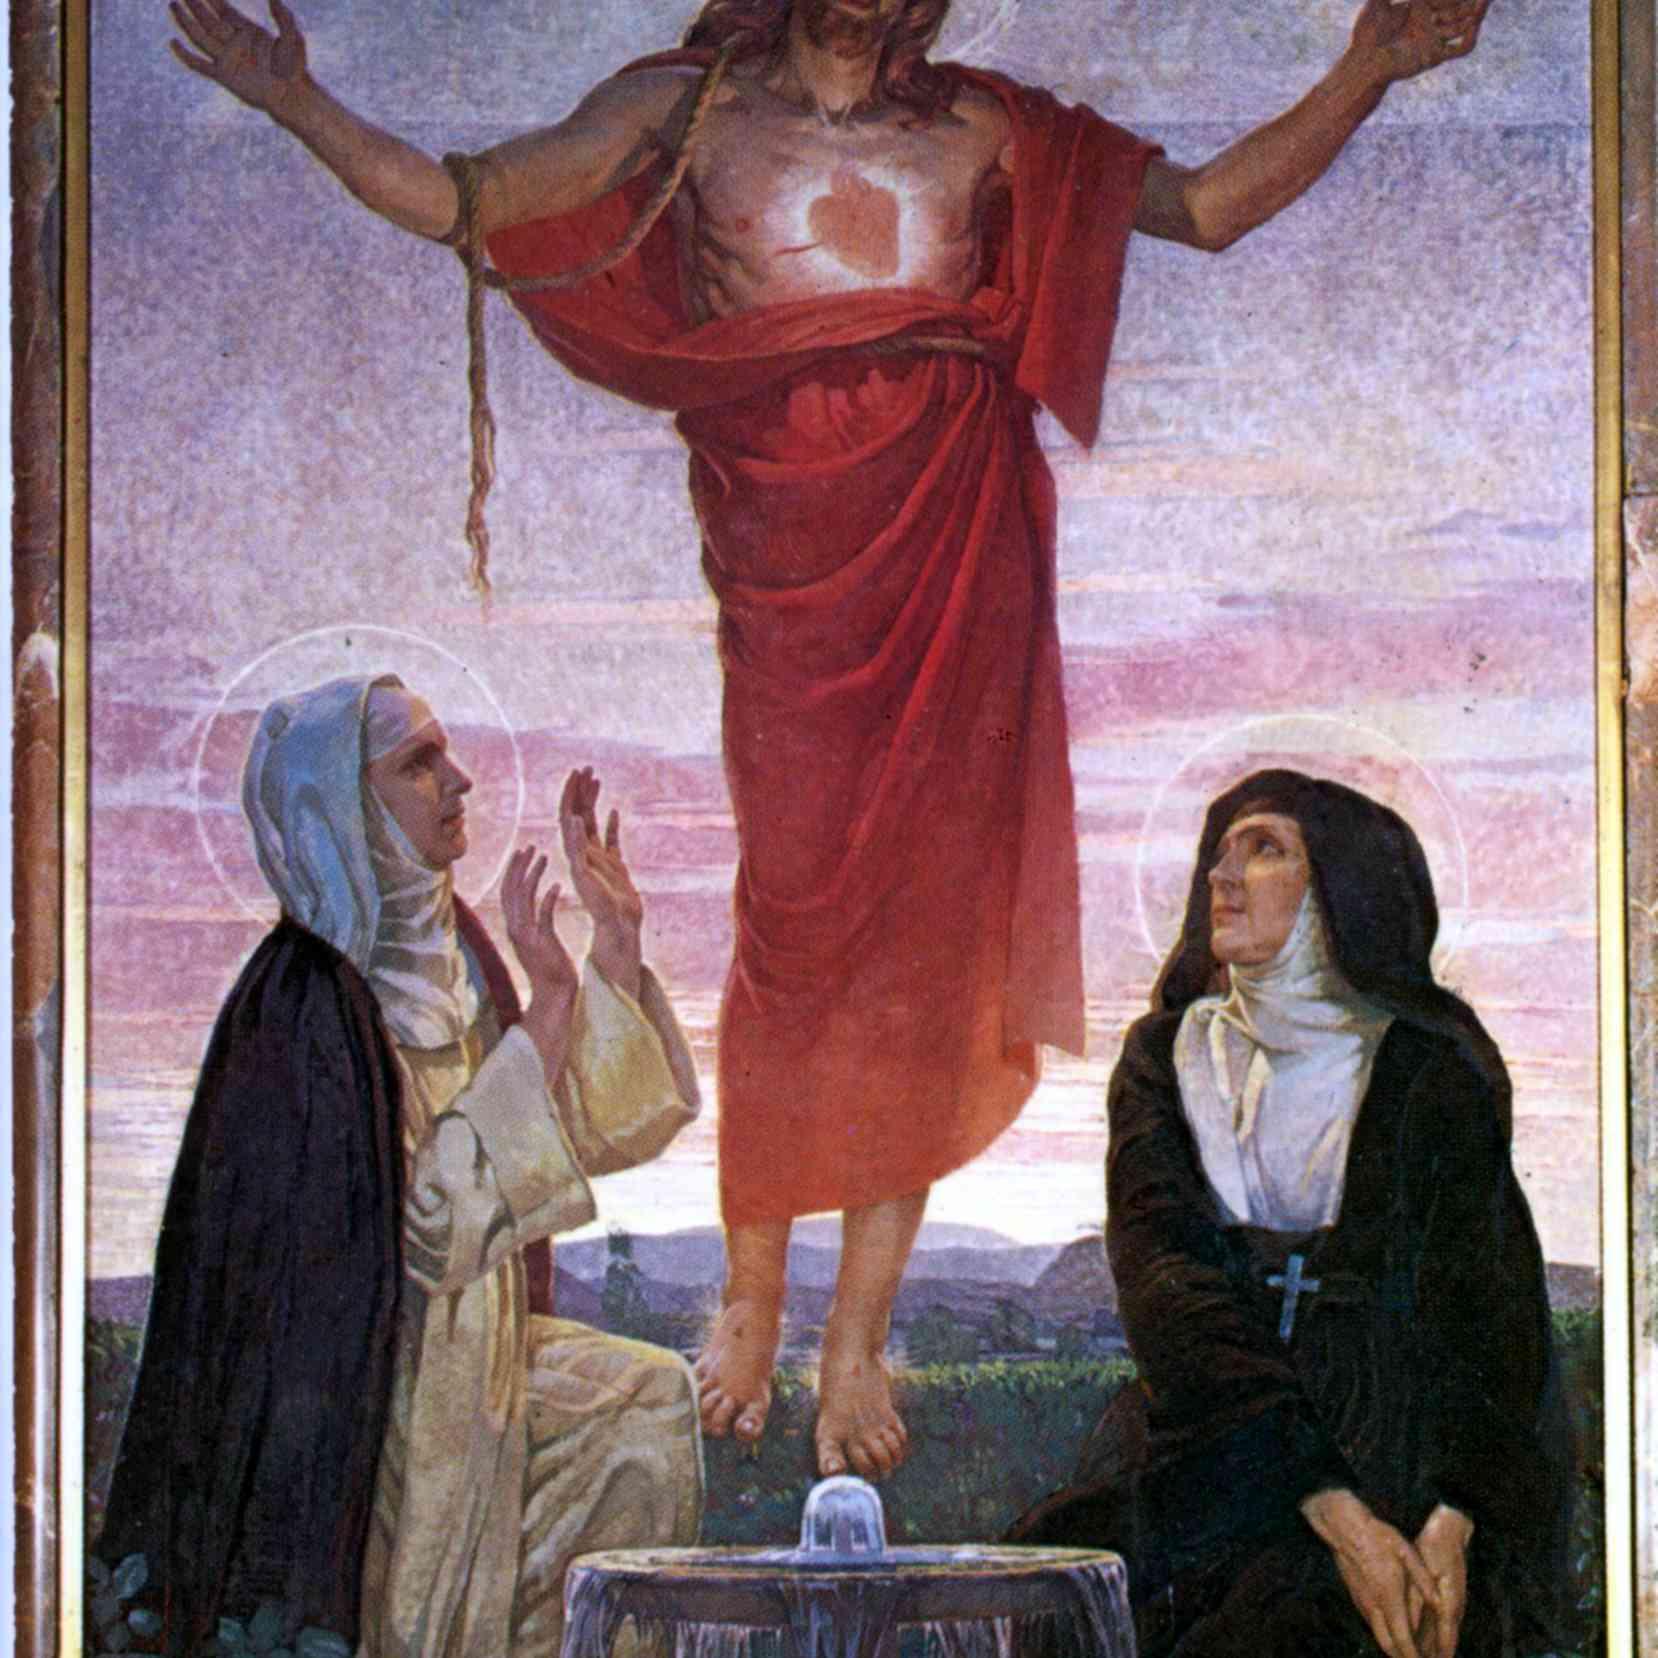 La Beata Madre María del Divino Corazón y Santa Margarita María Alacoque adorando el Sagrado Corazón de Jesús